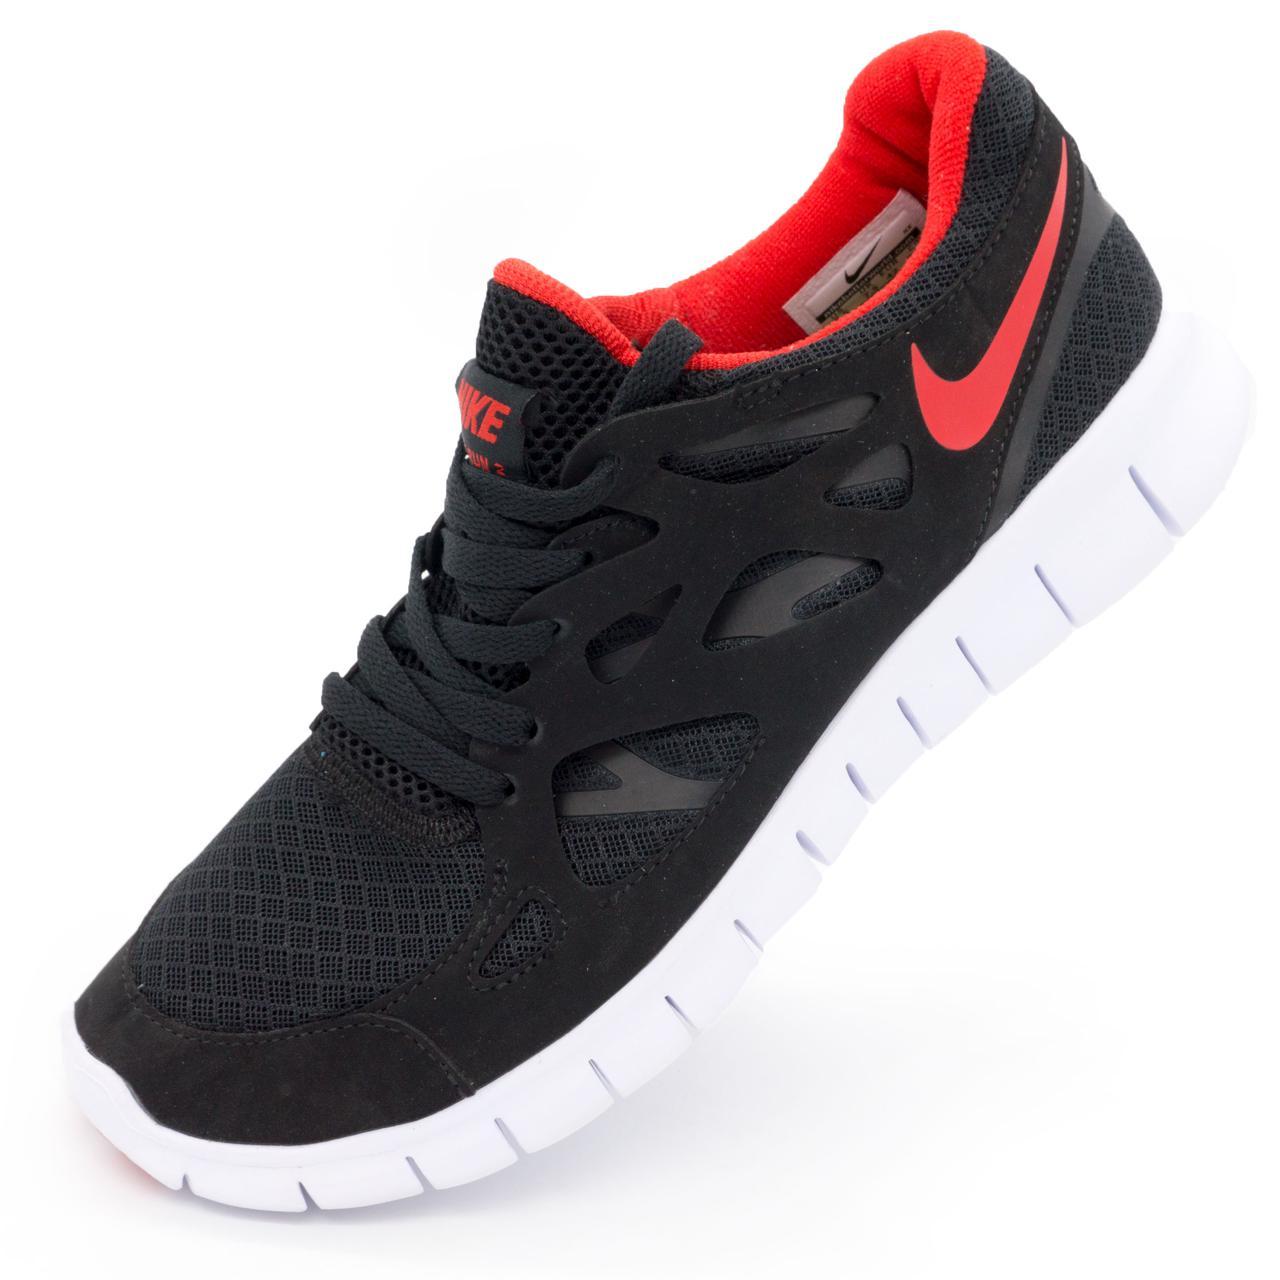 54840d50 Кроссовки для Бега Nike Free Run 2 Найк Фри Ран, Черные с Красным Р ...